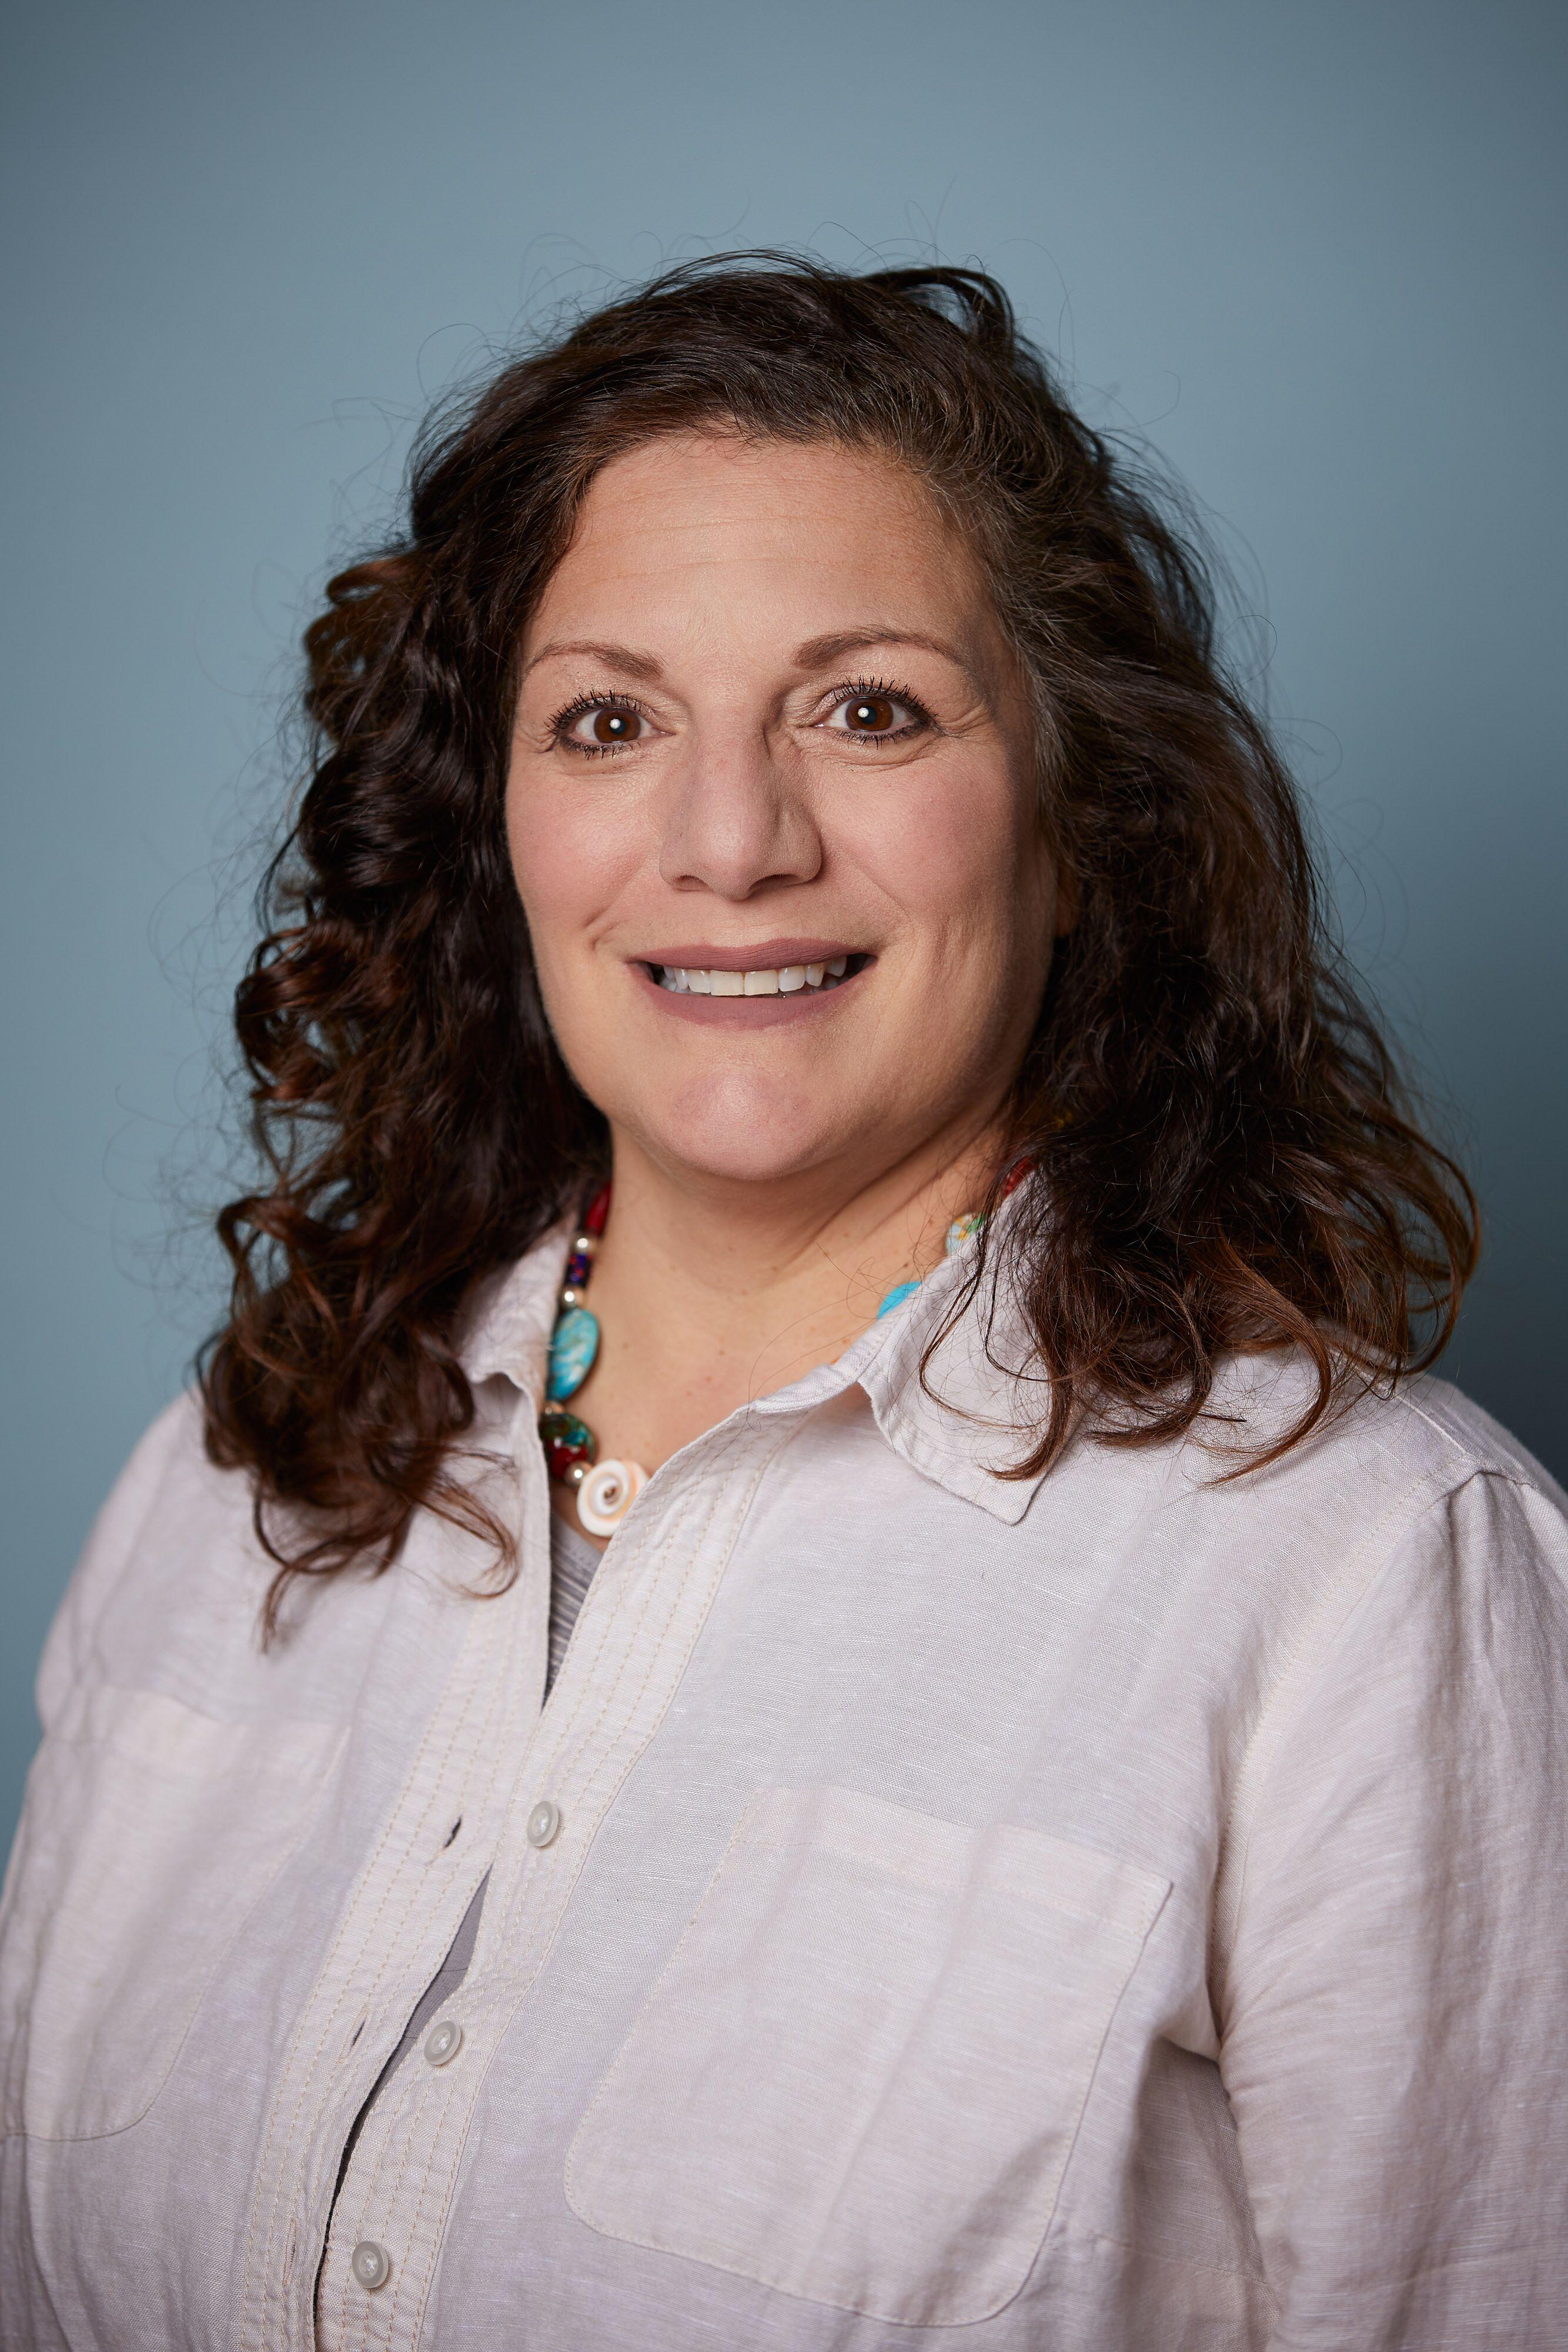 Julie Scheck